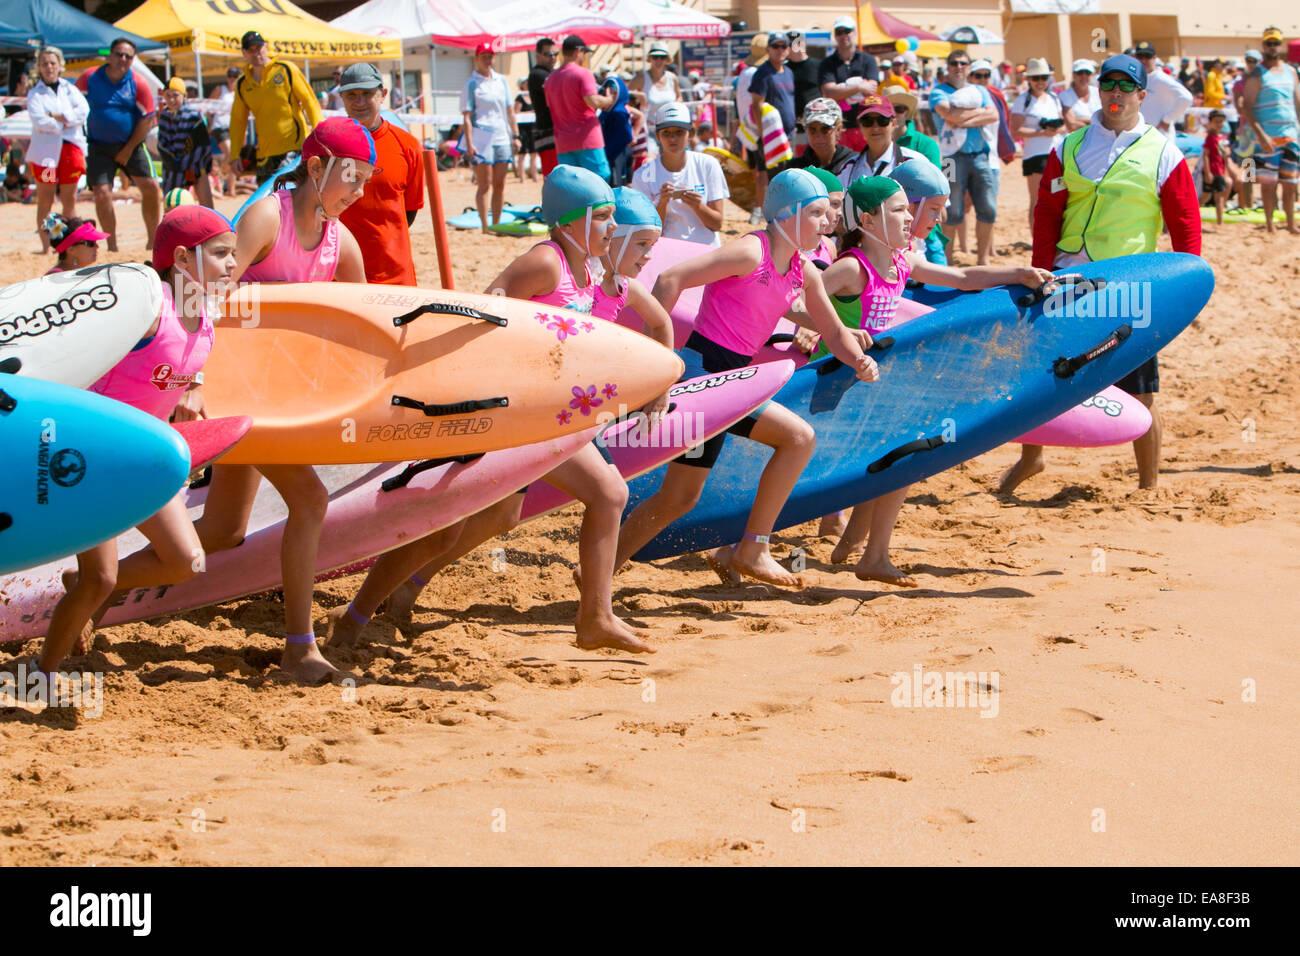 Les juniors et les enfants des plages du nord de Sydney surf clubs à Newport Beach pour le surf life saving Photo Stock